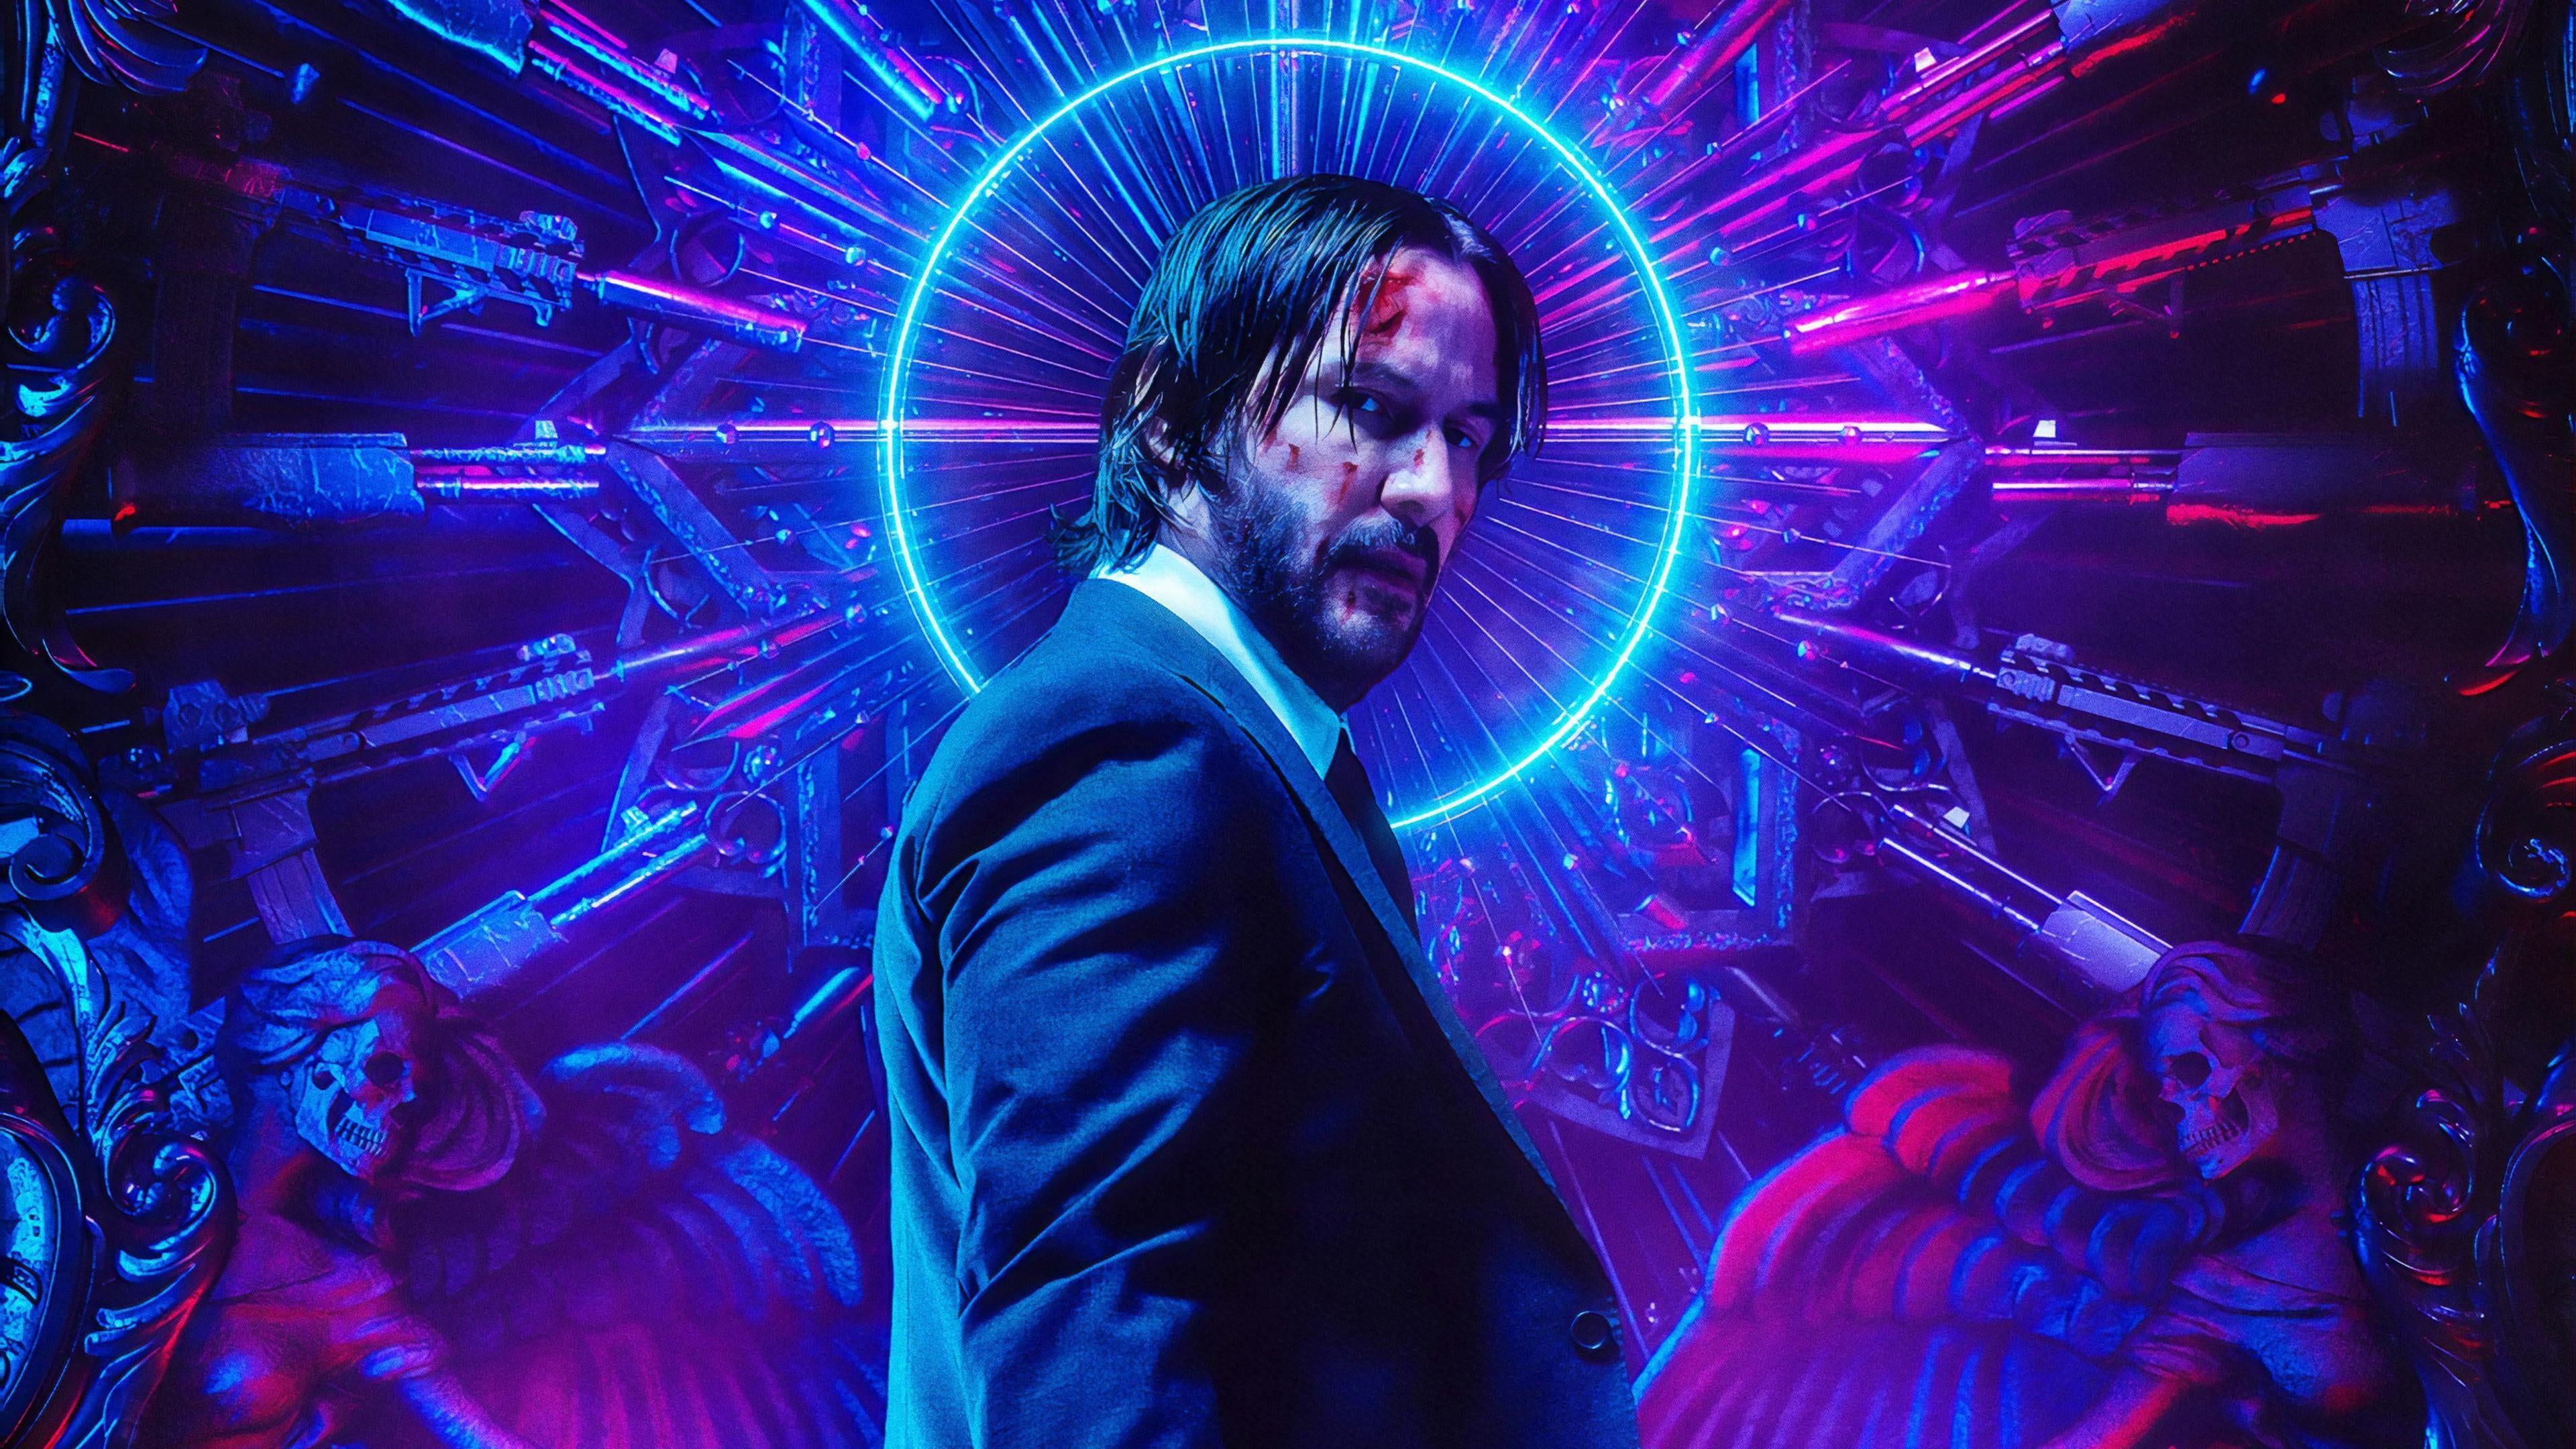 Keanu Reeves 4k Wallpaper Keanu Reeves Watch John Wick Full Movies